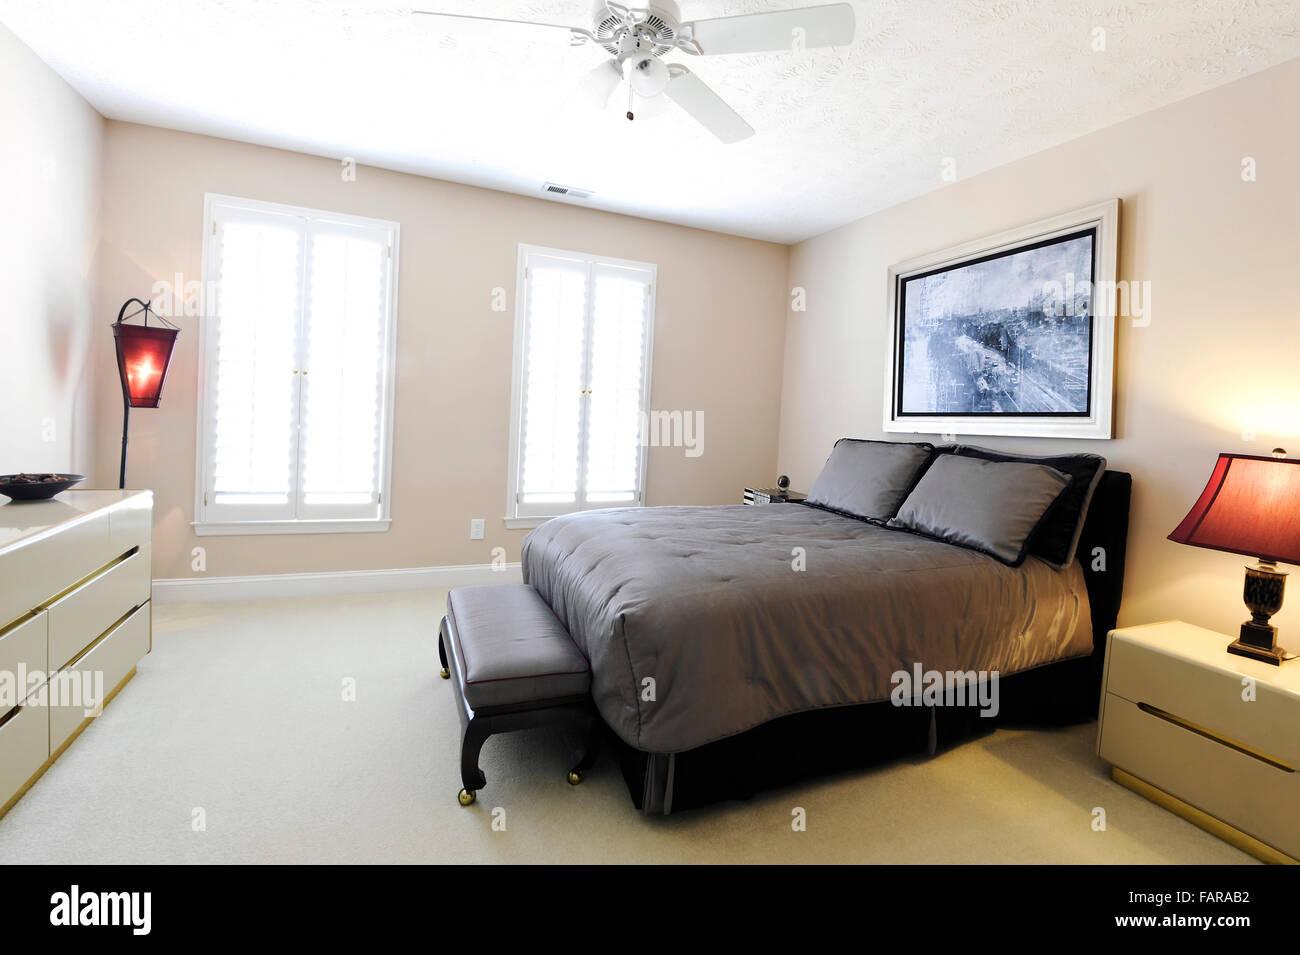 Dormitorio residencial contemporáneo Imagen De Stock